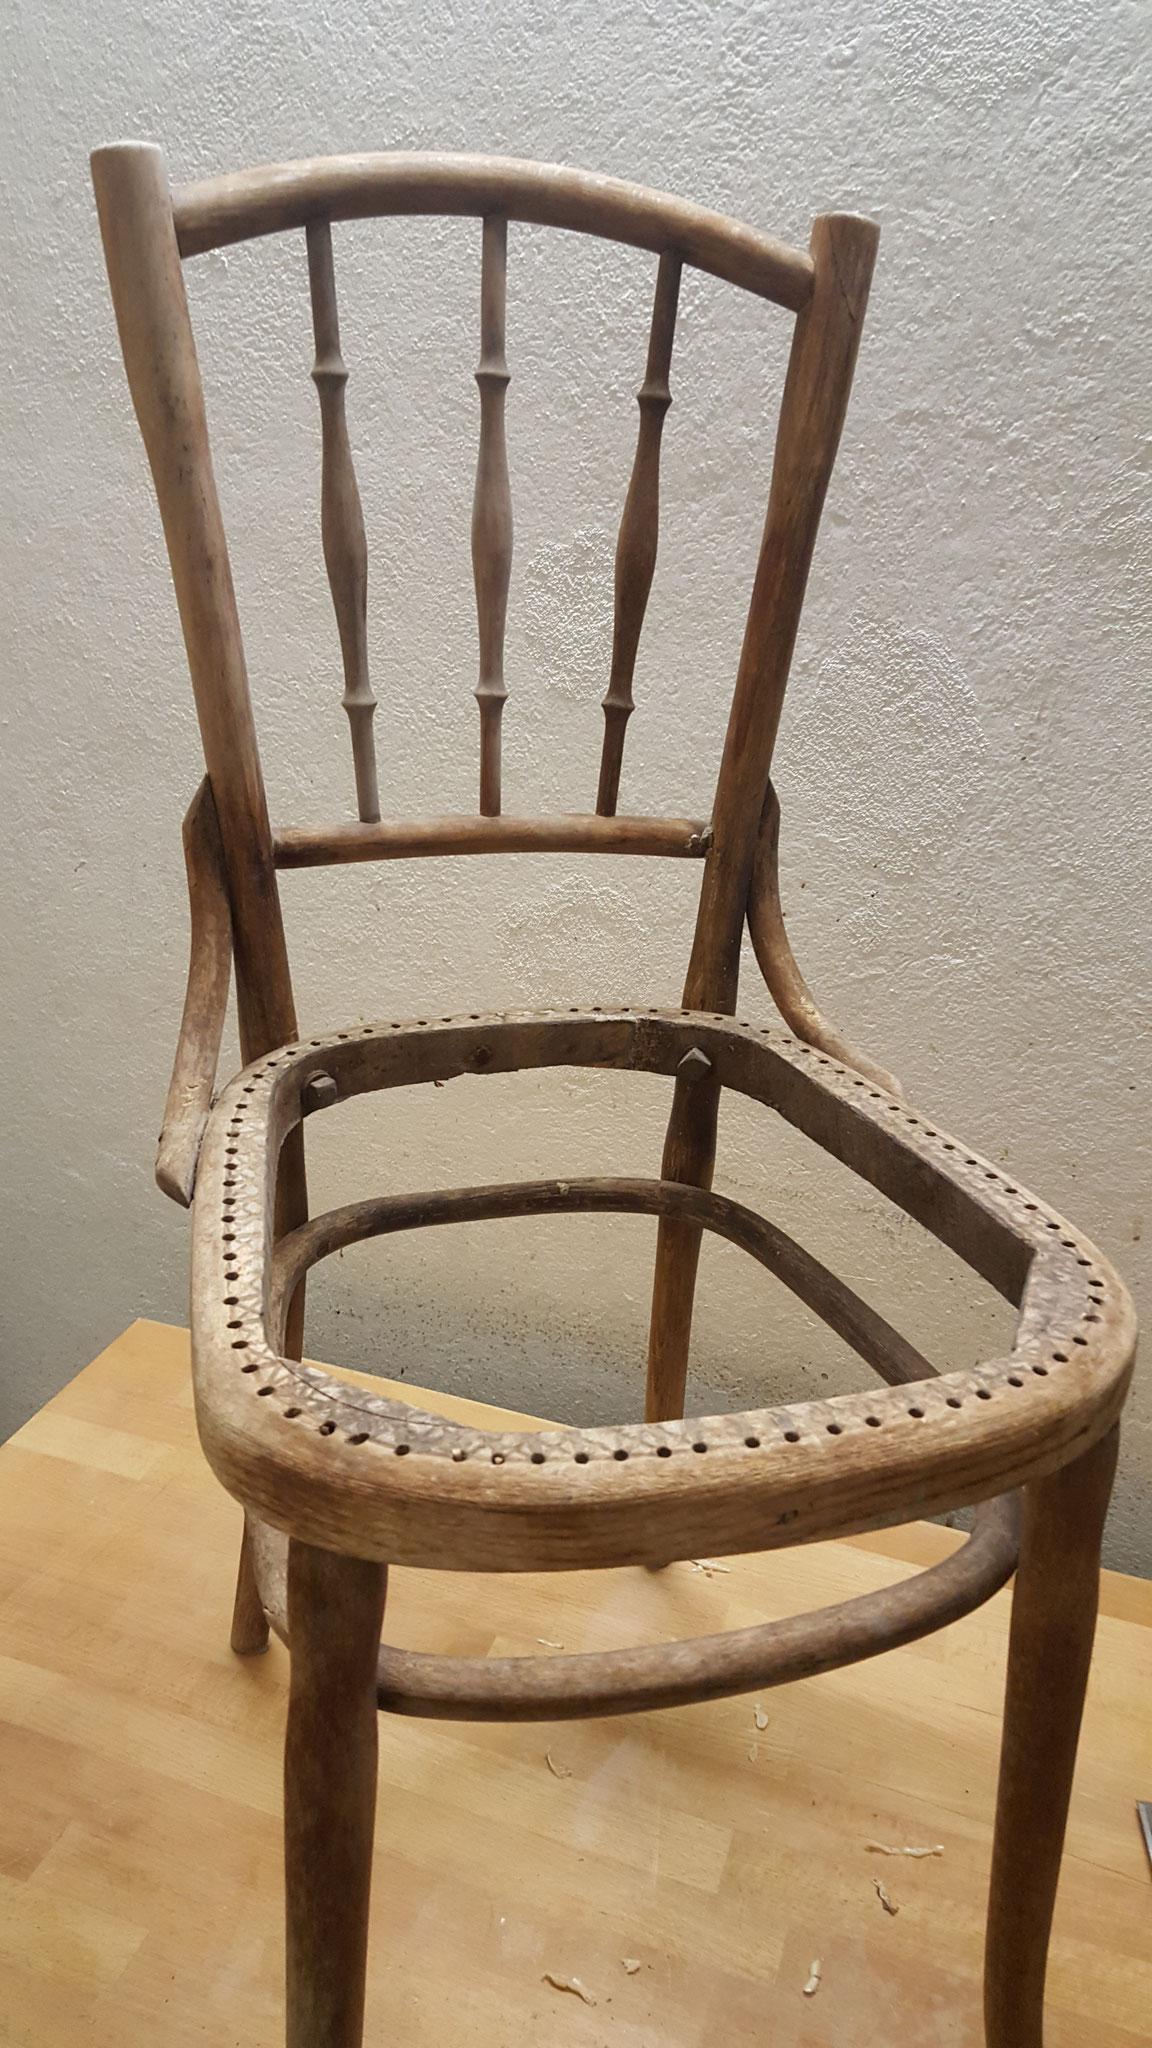 Der Stuhl ist bereit für die Oberflächenbehandlung